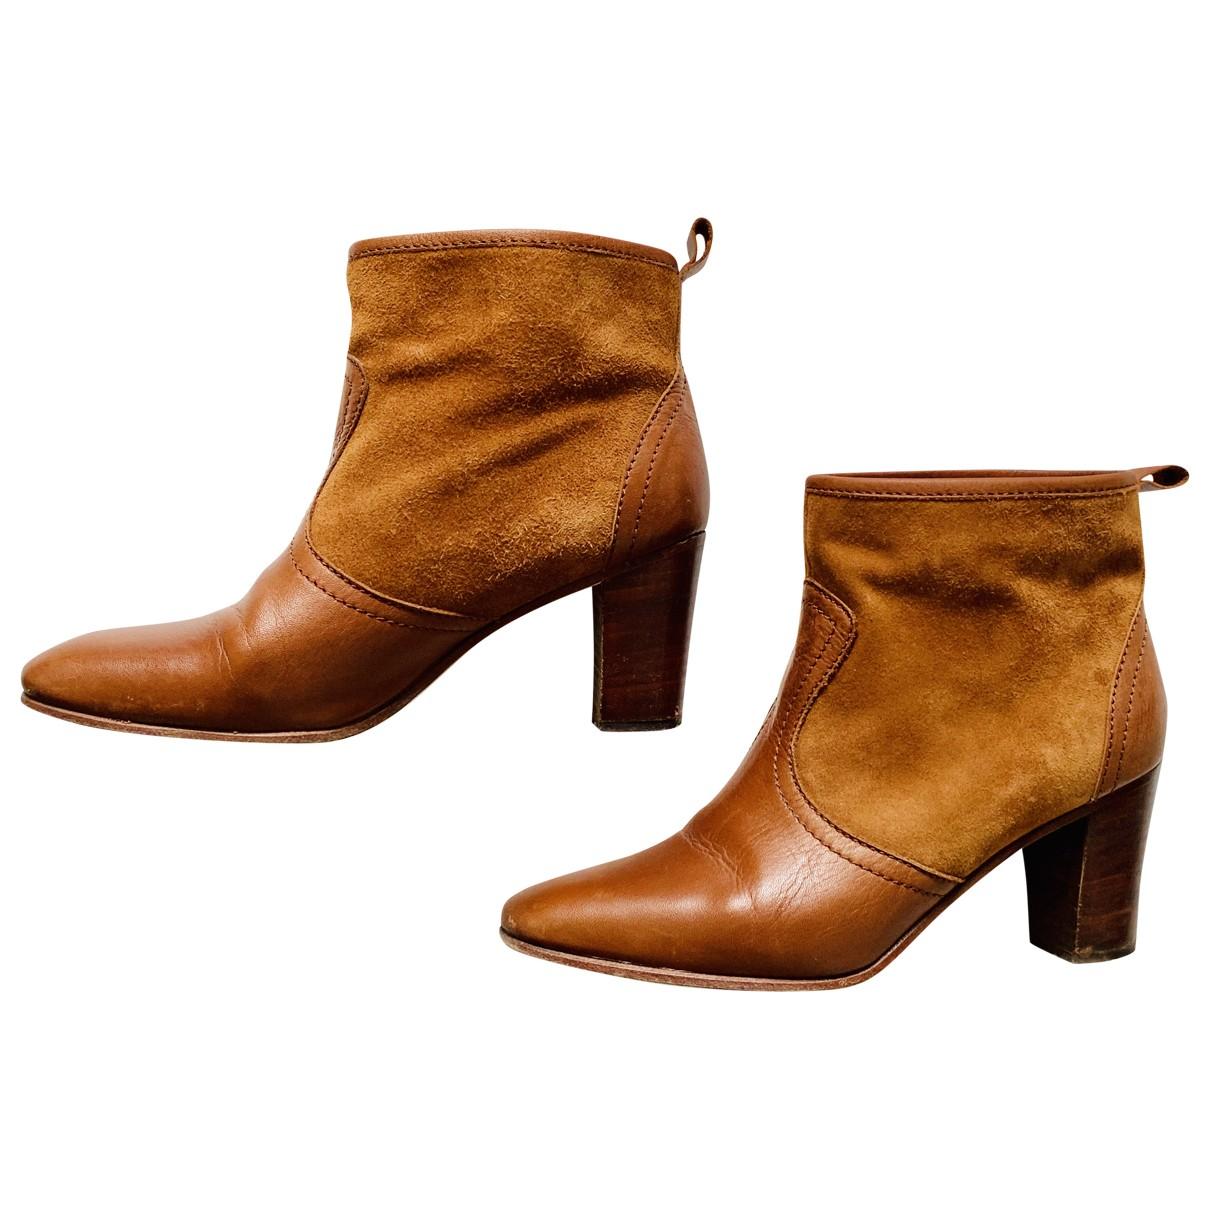 Polder - Boots   pour femme en cuir - camel